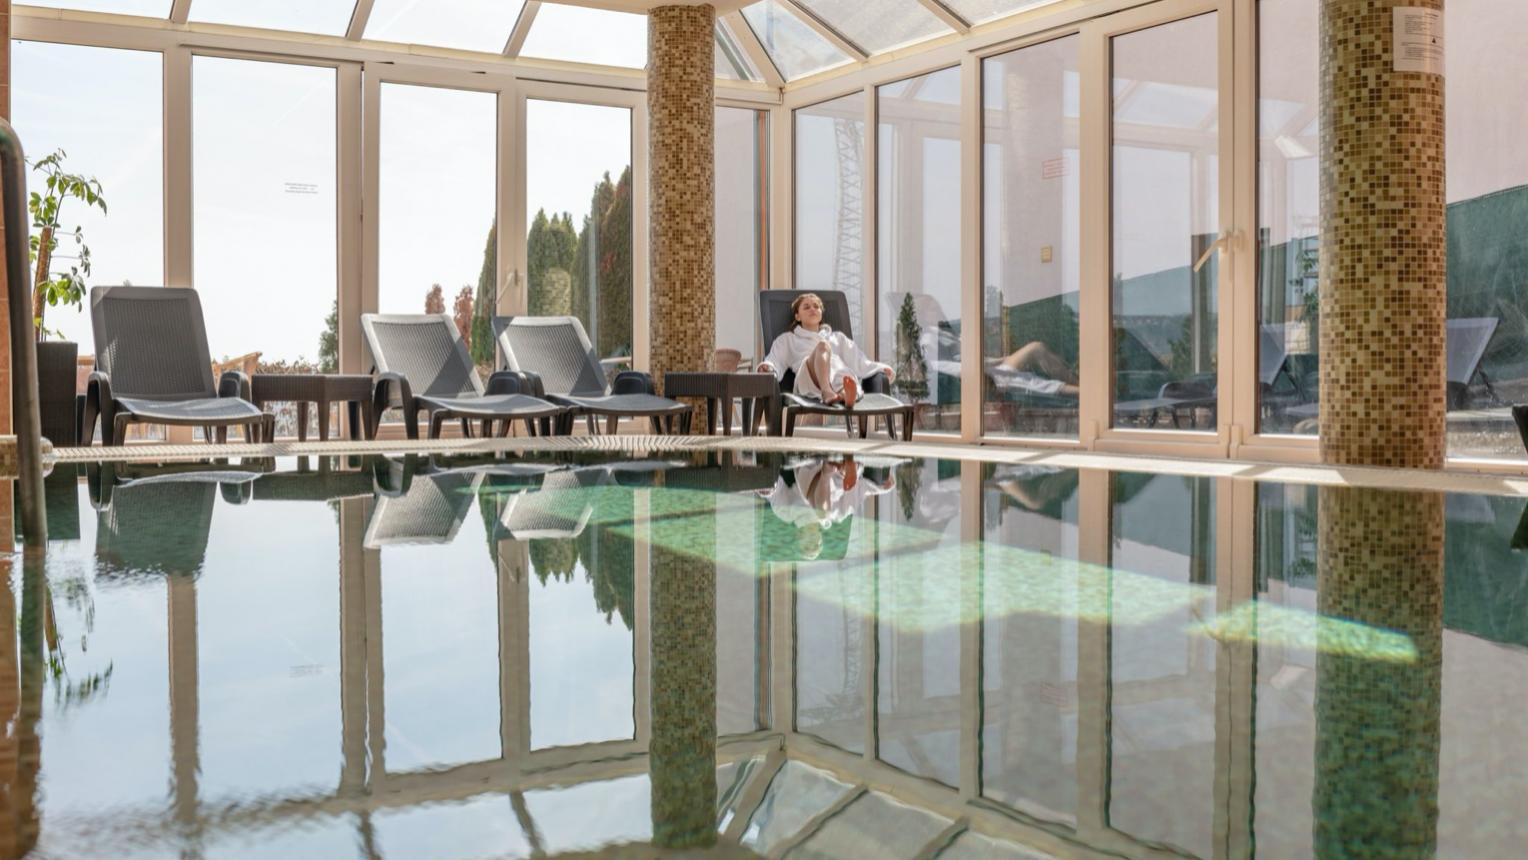 Holt-tengeri teljes test iszapkezelés Hévízen a Főnix Clubhotelben